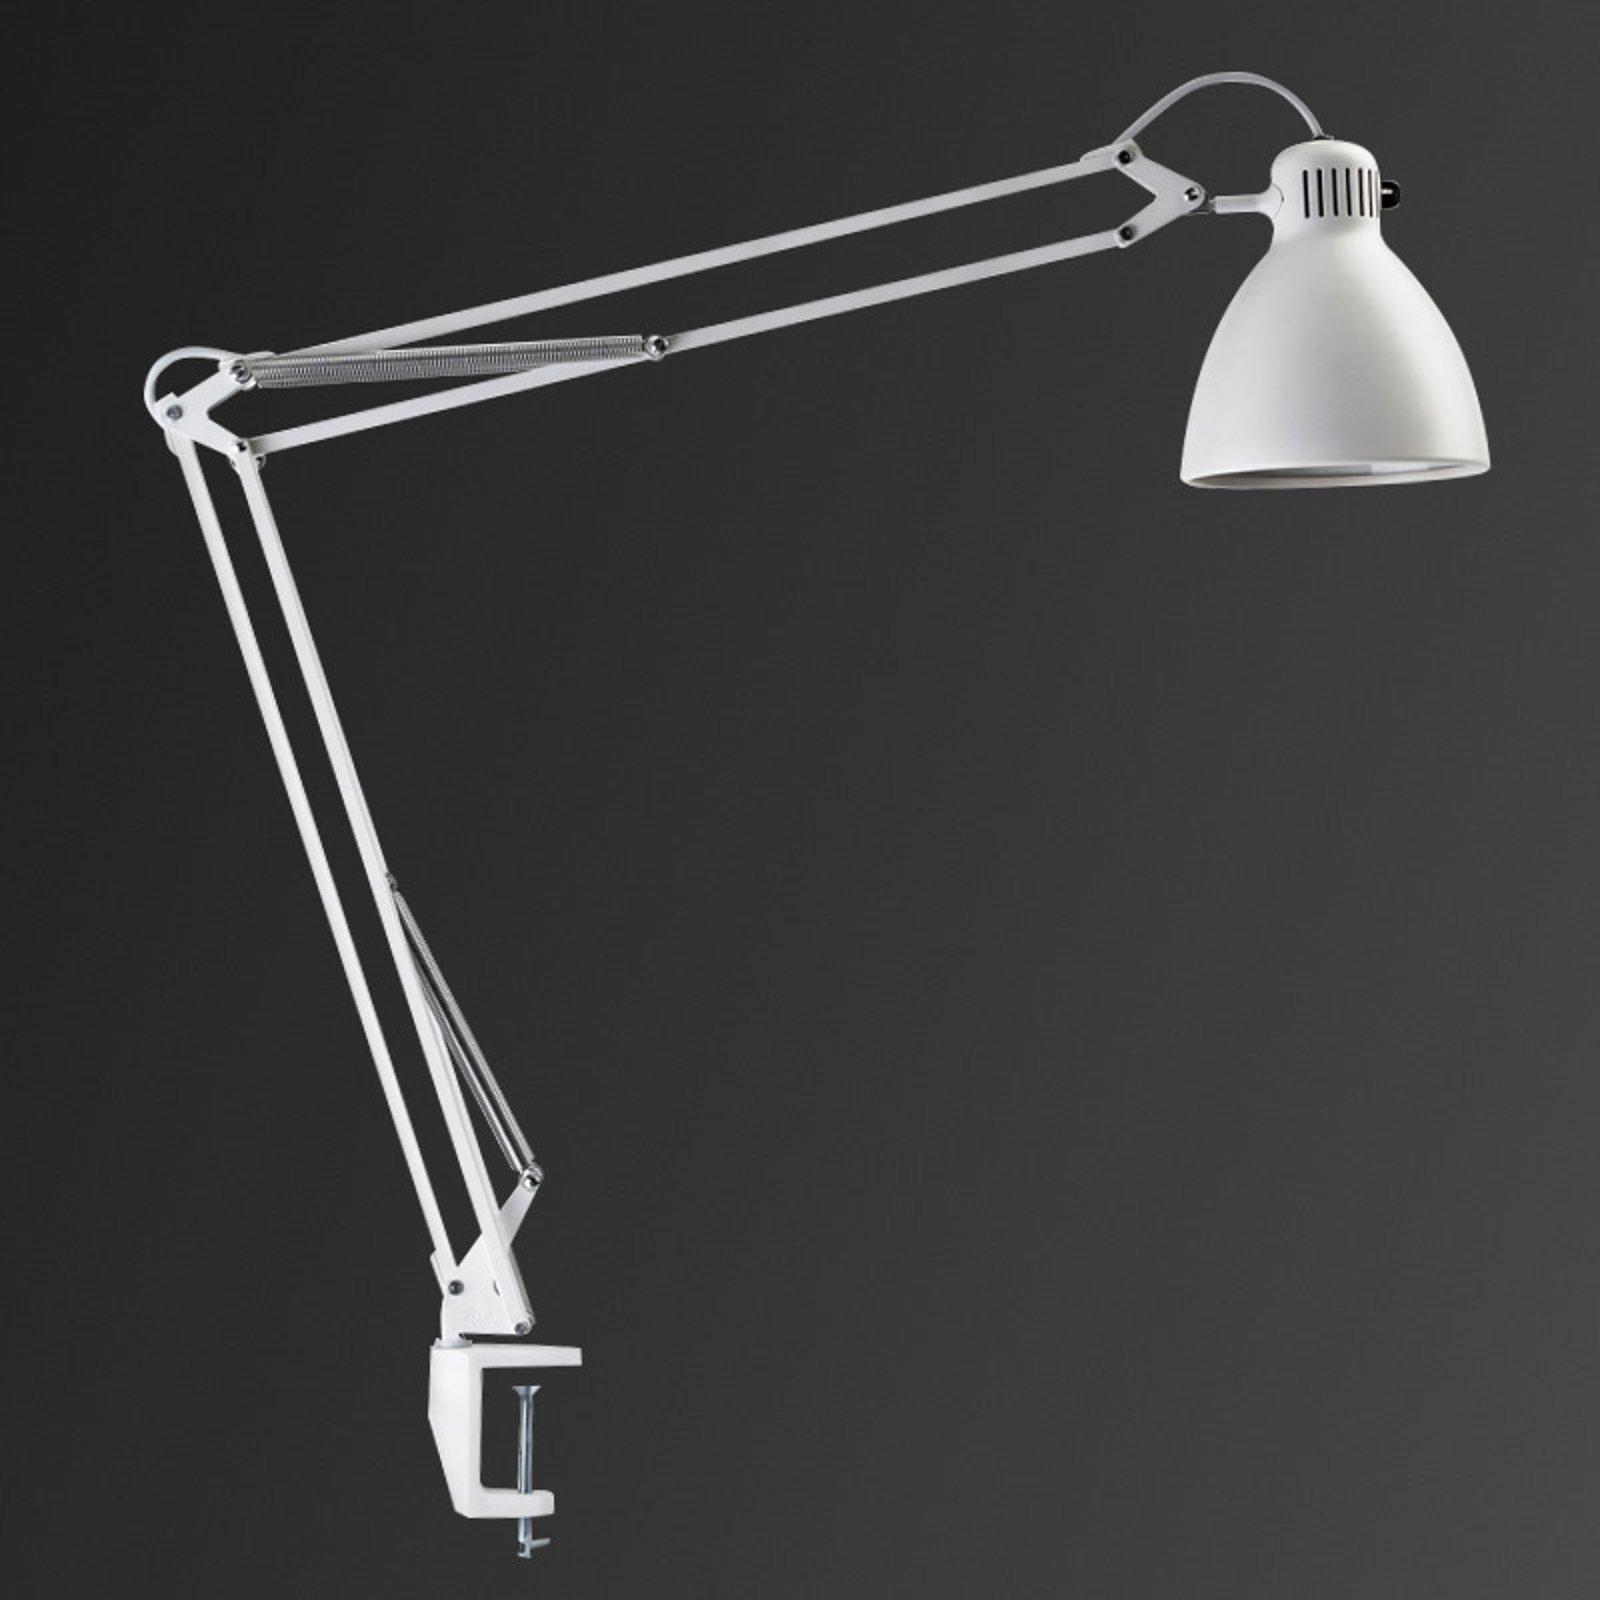 Innovativ klemmelampe L-1 LED, hvit